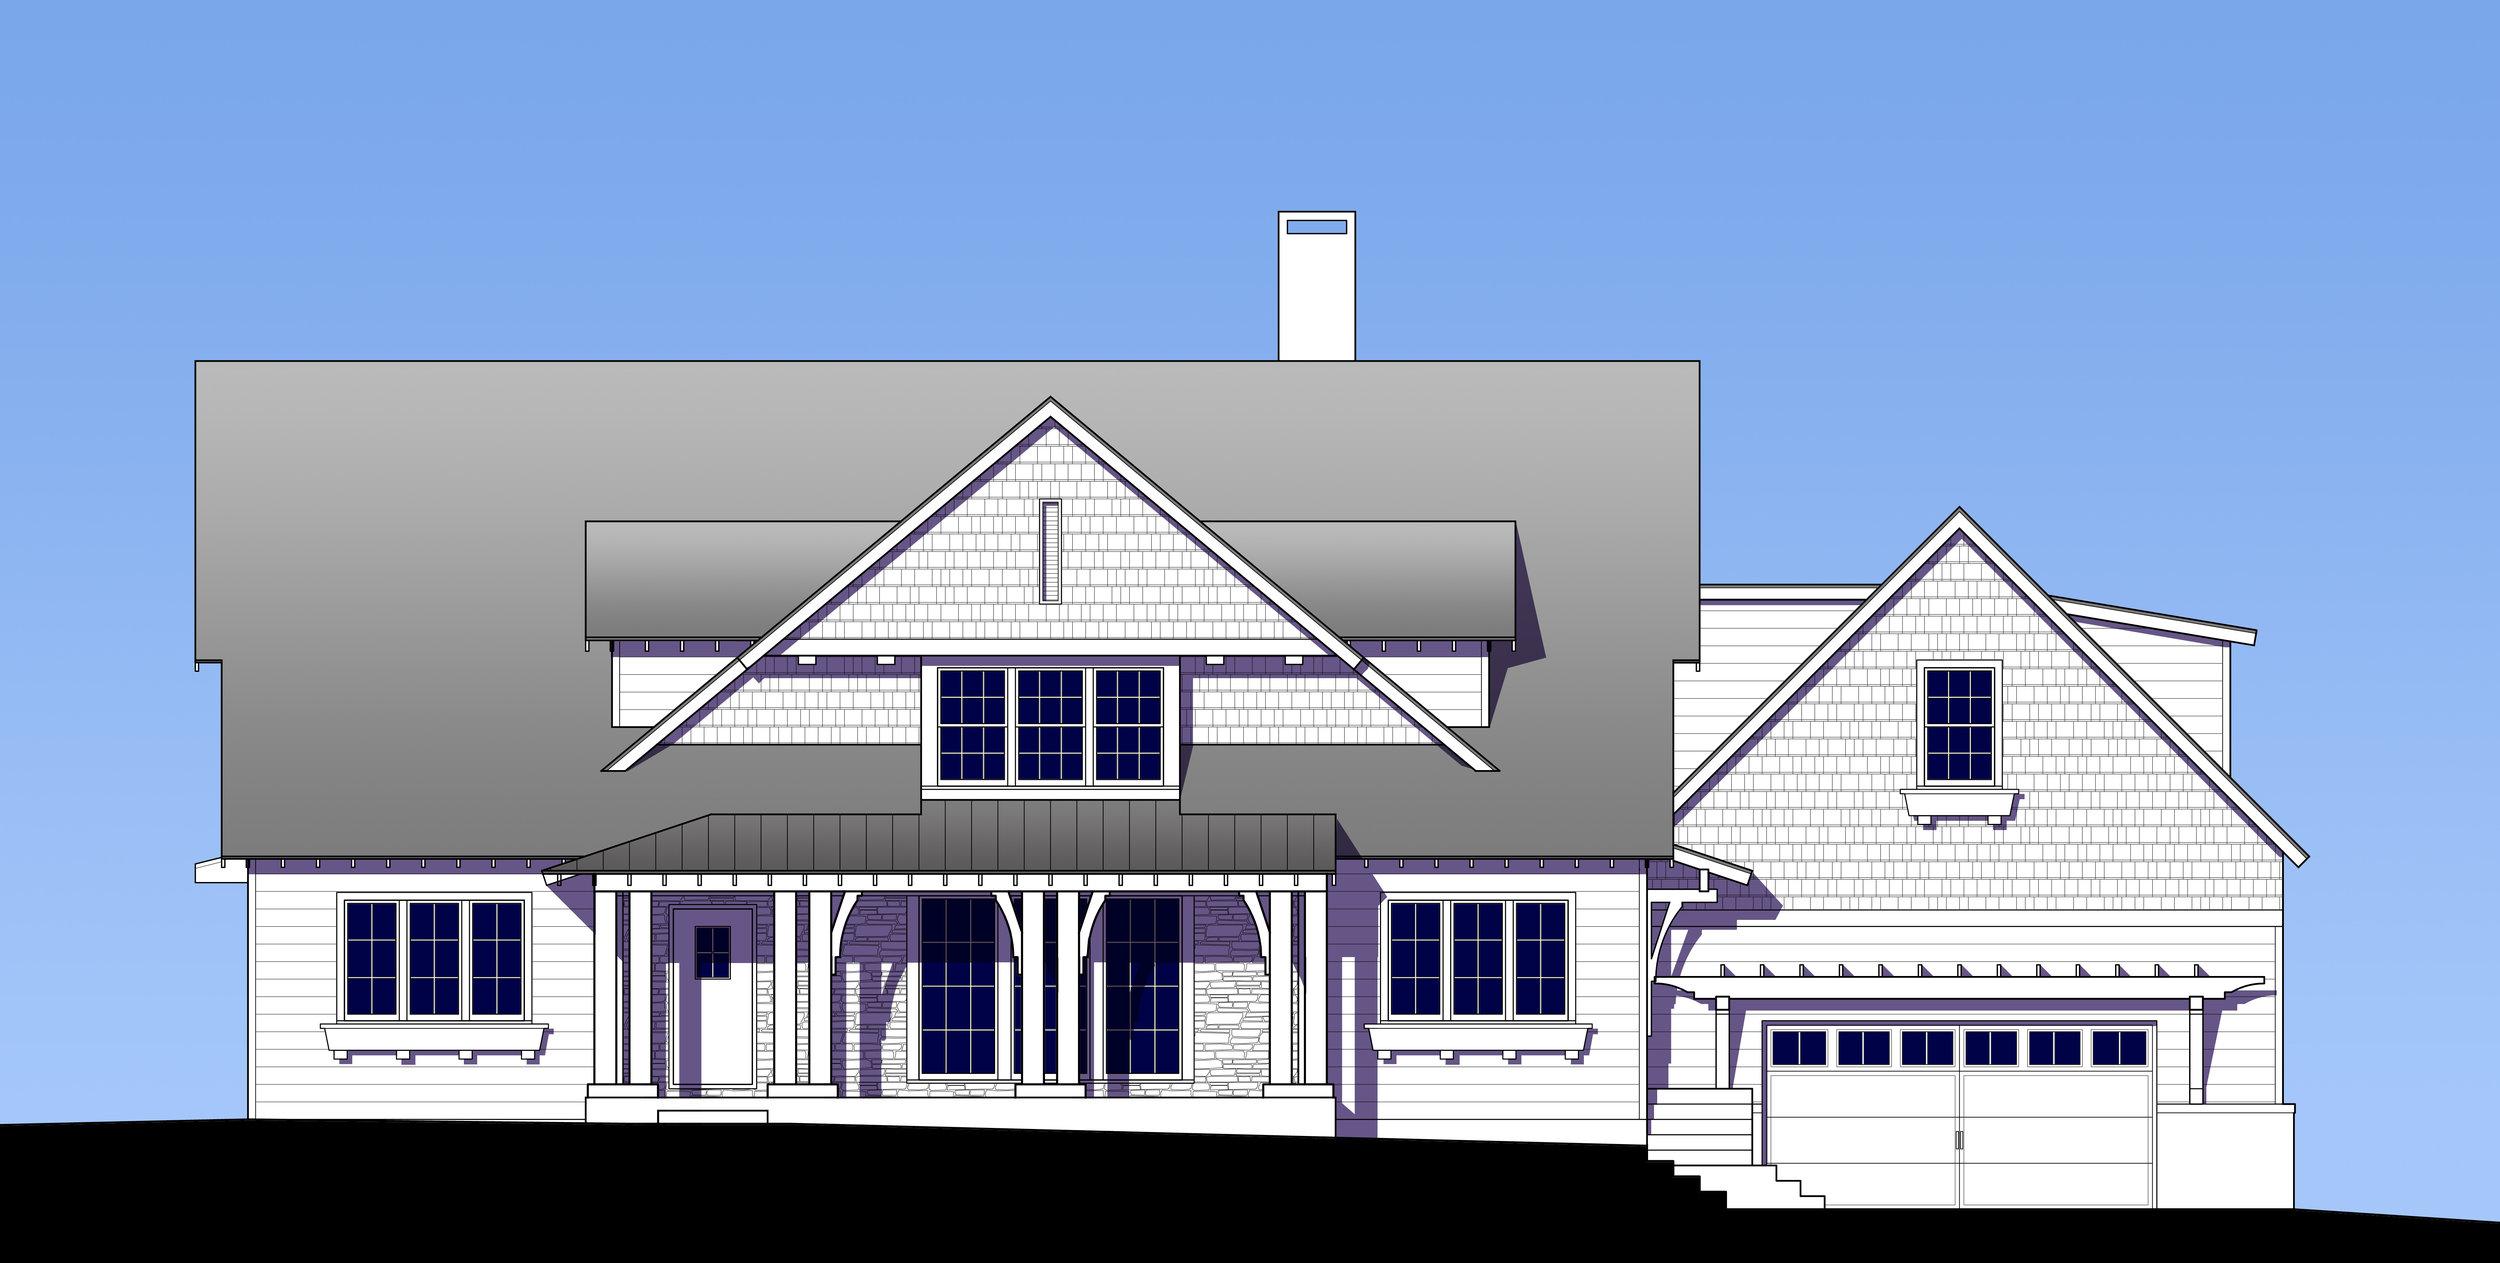 strubel front elevation rendering.jpg